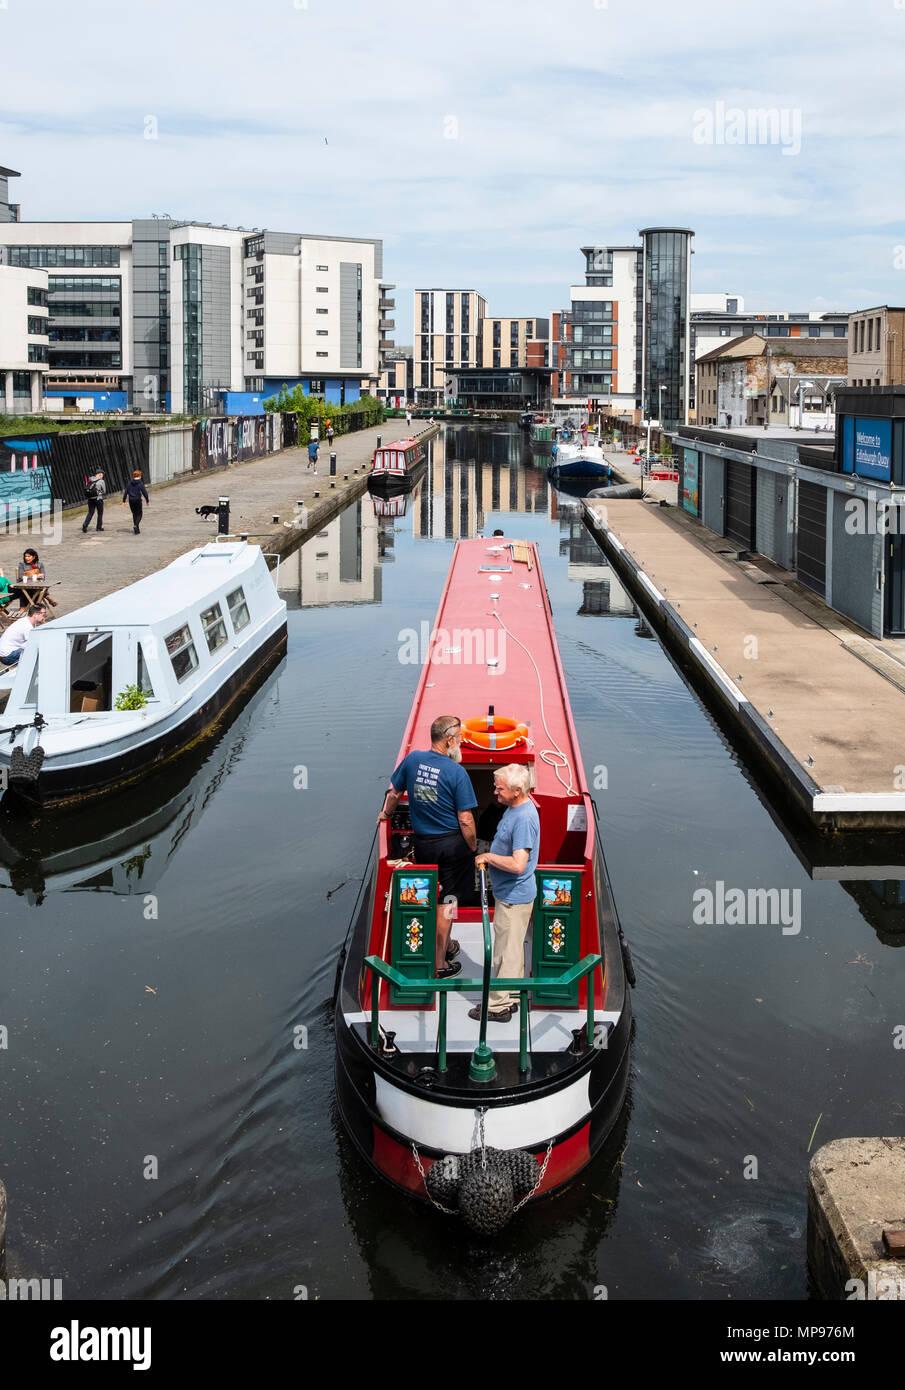 Voir l'Union de canal à Lochrin Basin avec bateau à voile étroit s'amarre à Fountainbridge à Édimbourg, Écosse, Royaume-Uni, UK Photo Stock